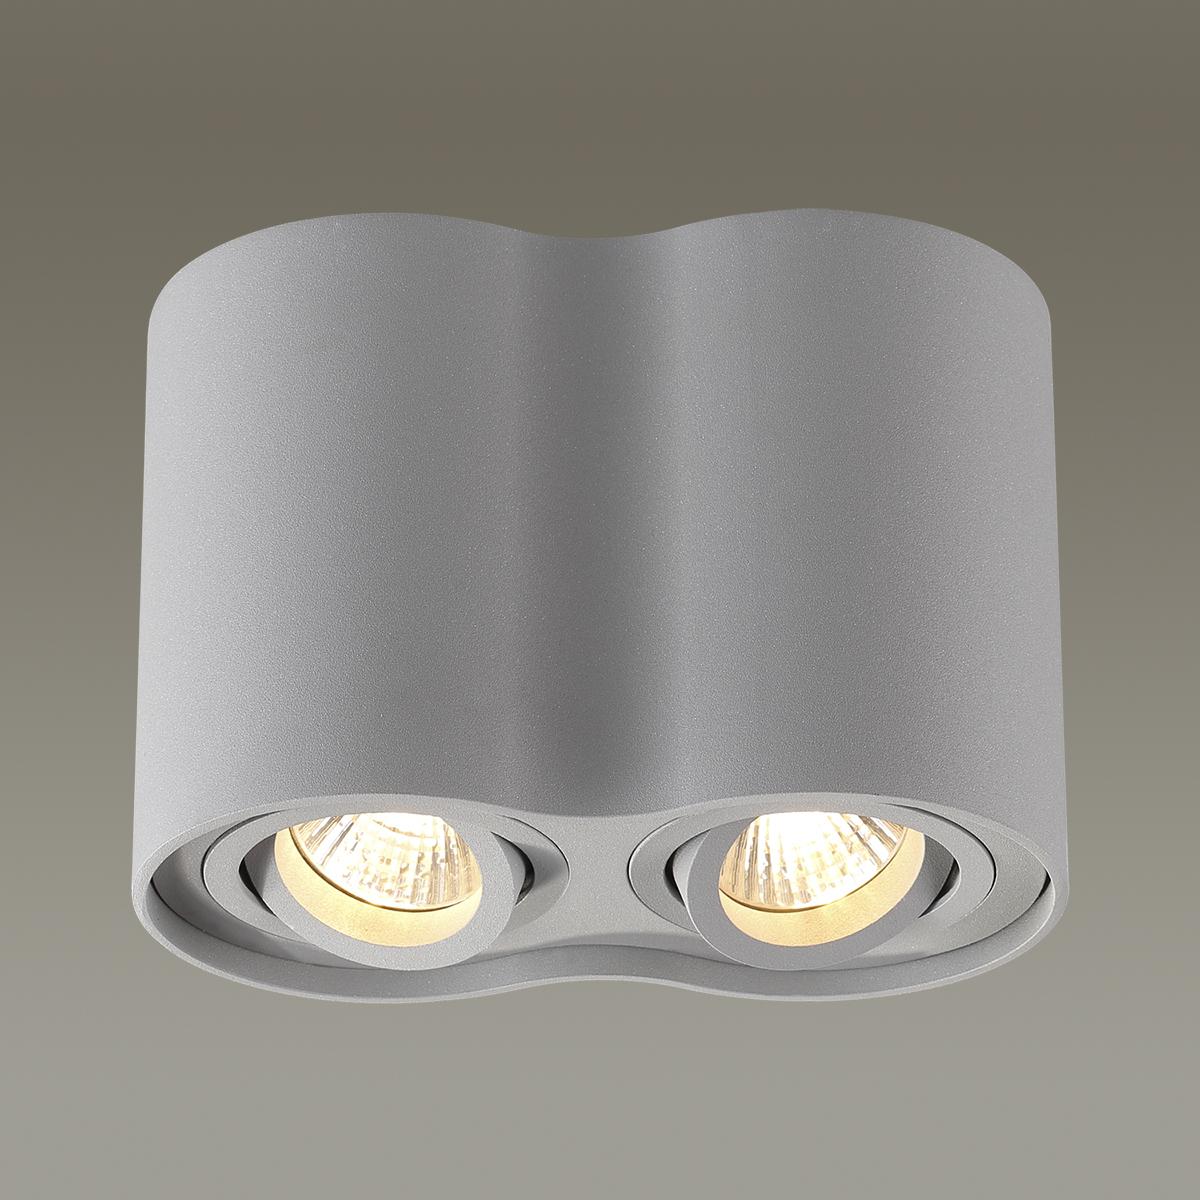 Потолочный светильник Odeon Light 3831/2C, серый, металл - фото 3